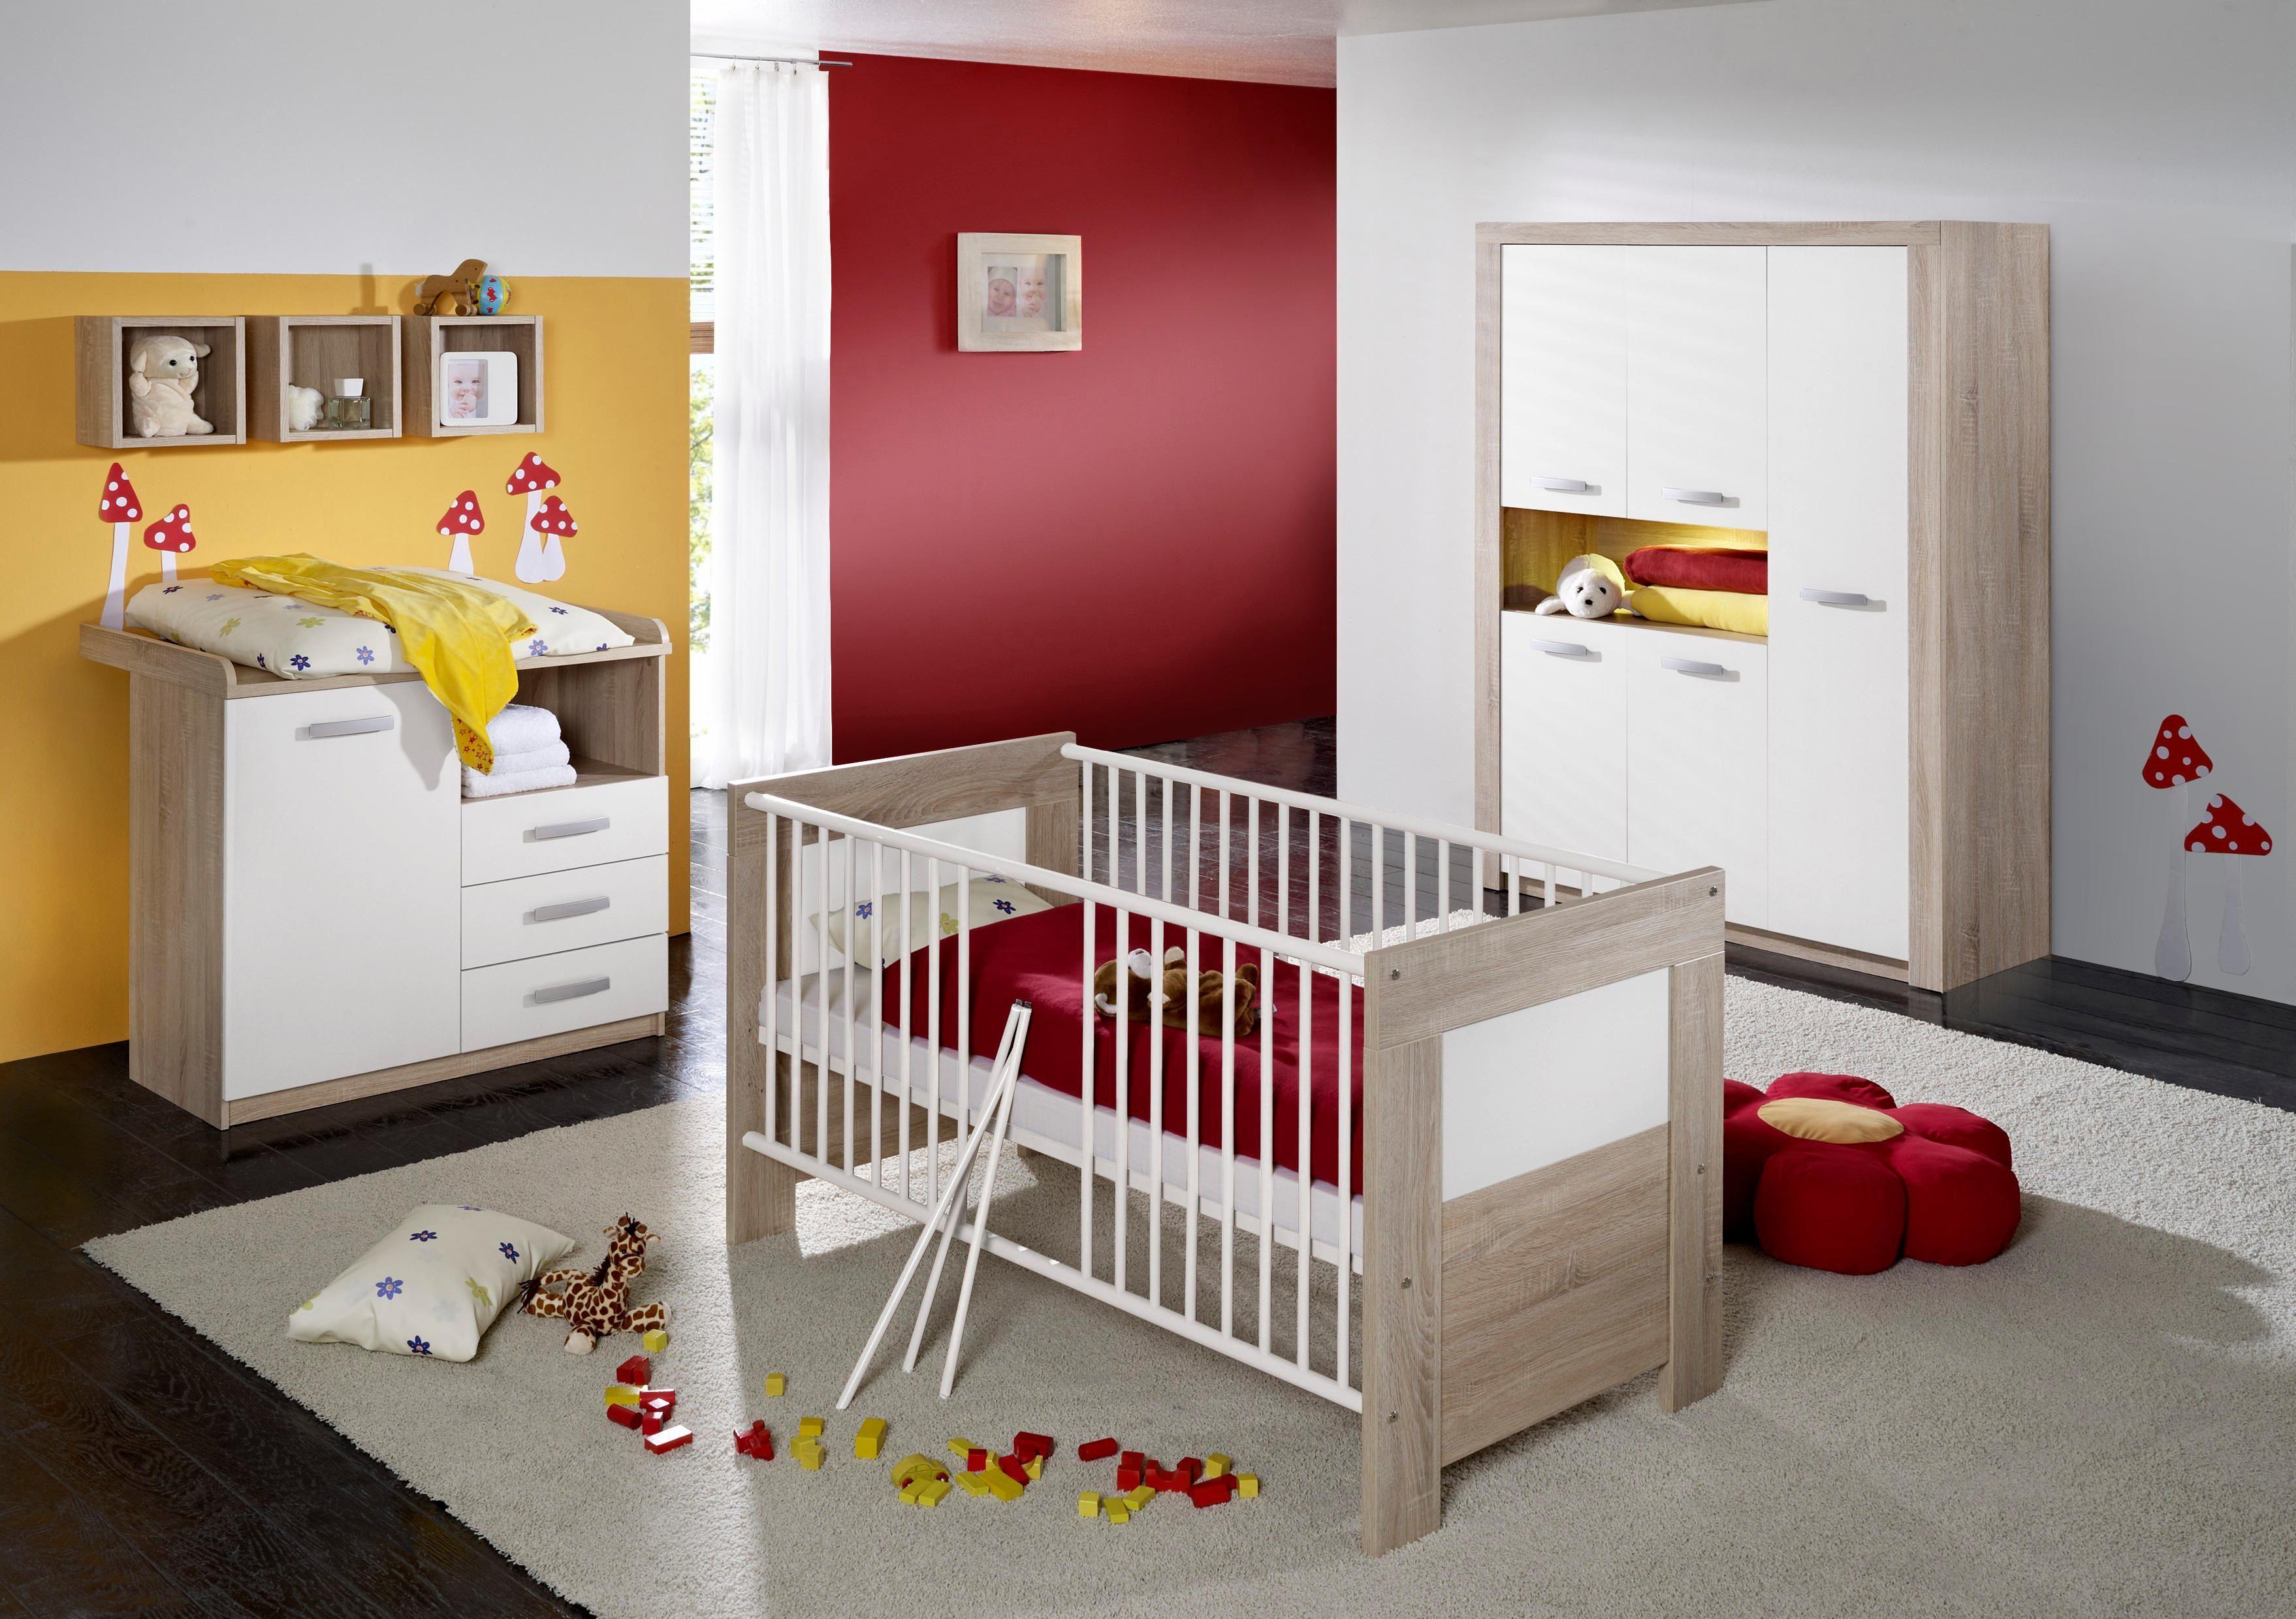 Komplett Babyzimmer »Moritz«: Babybett+Wickelkommode+Kleiderschrank,(3-tlg.) eiche sägerau/weiß